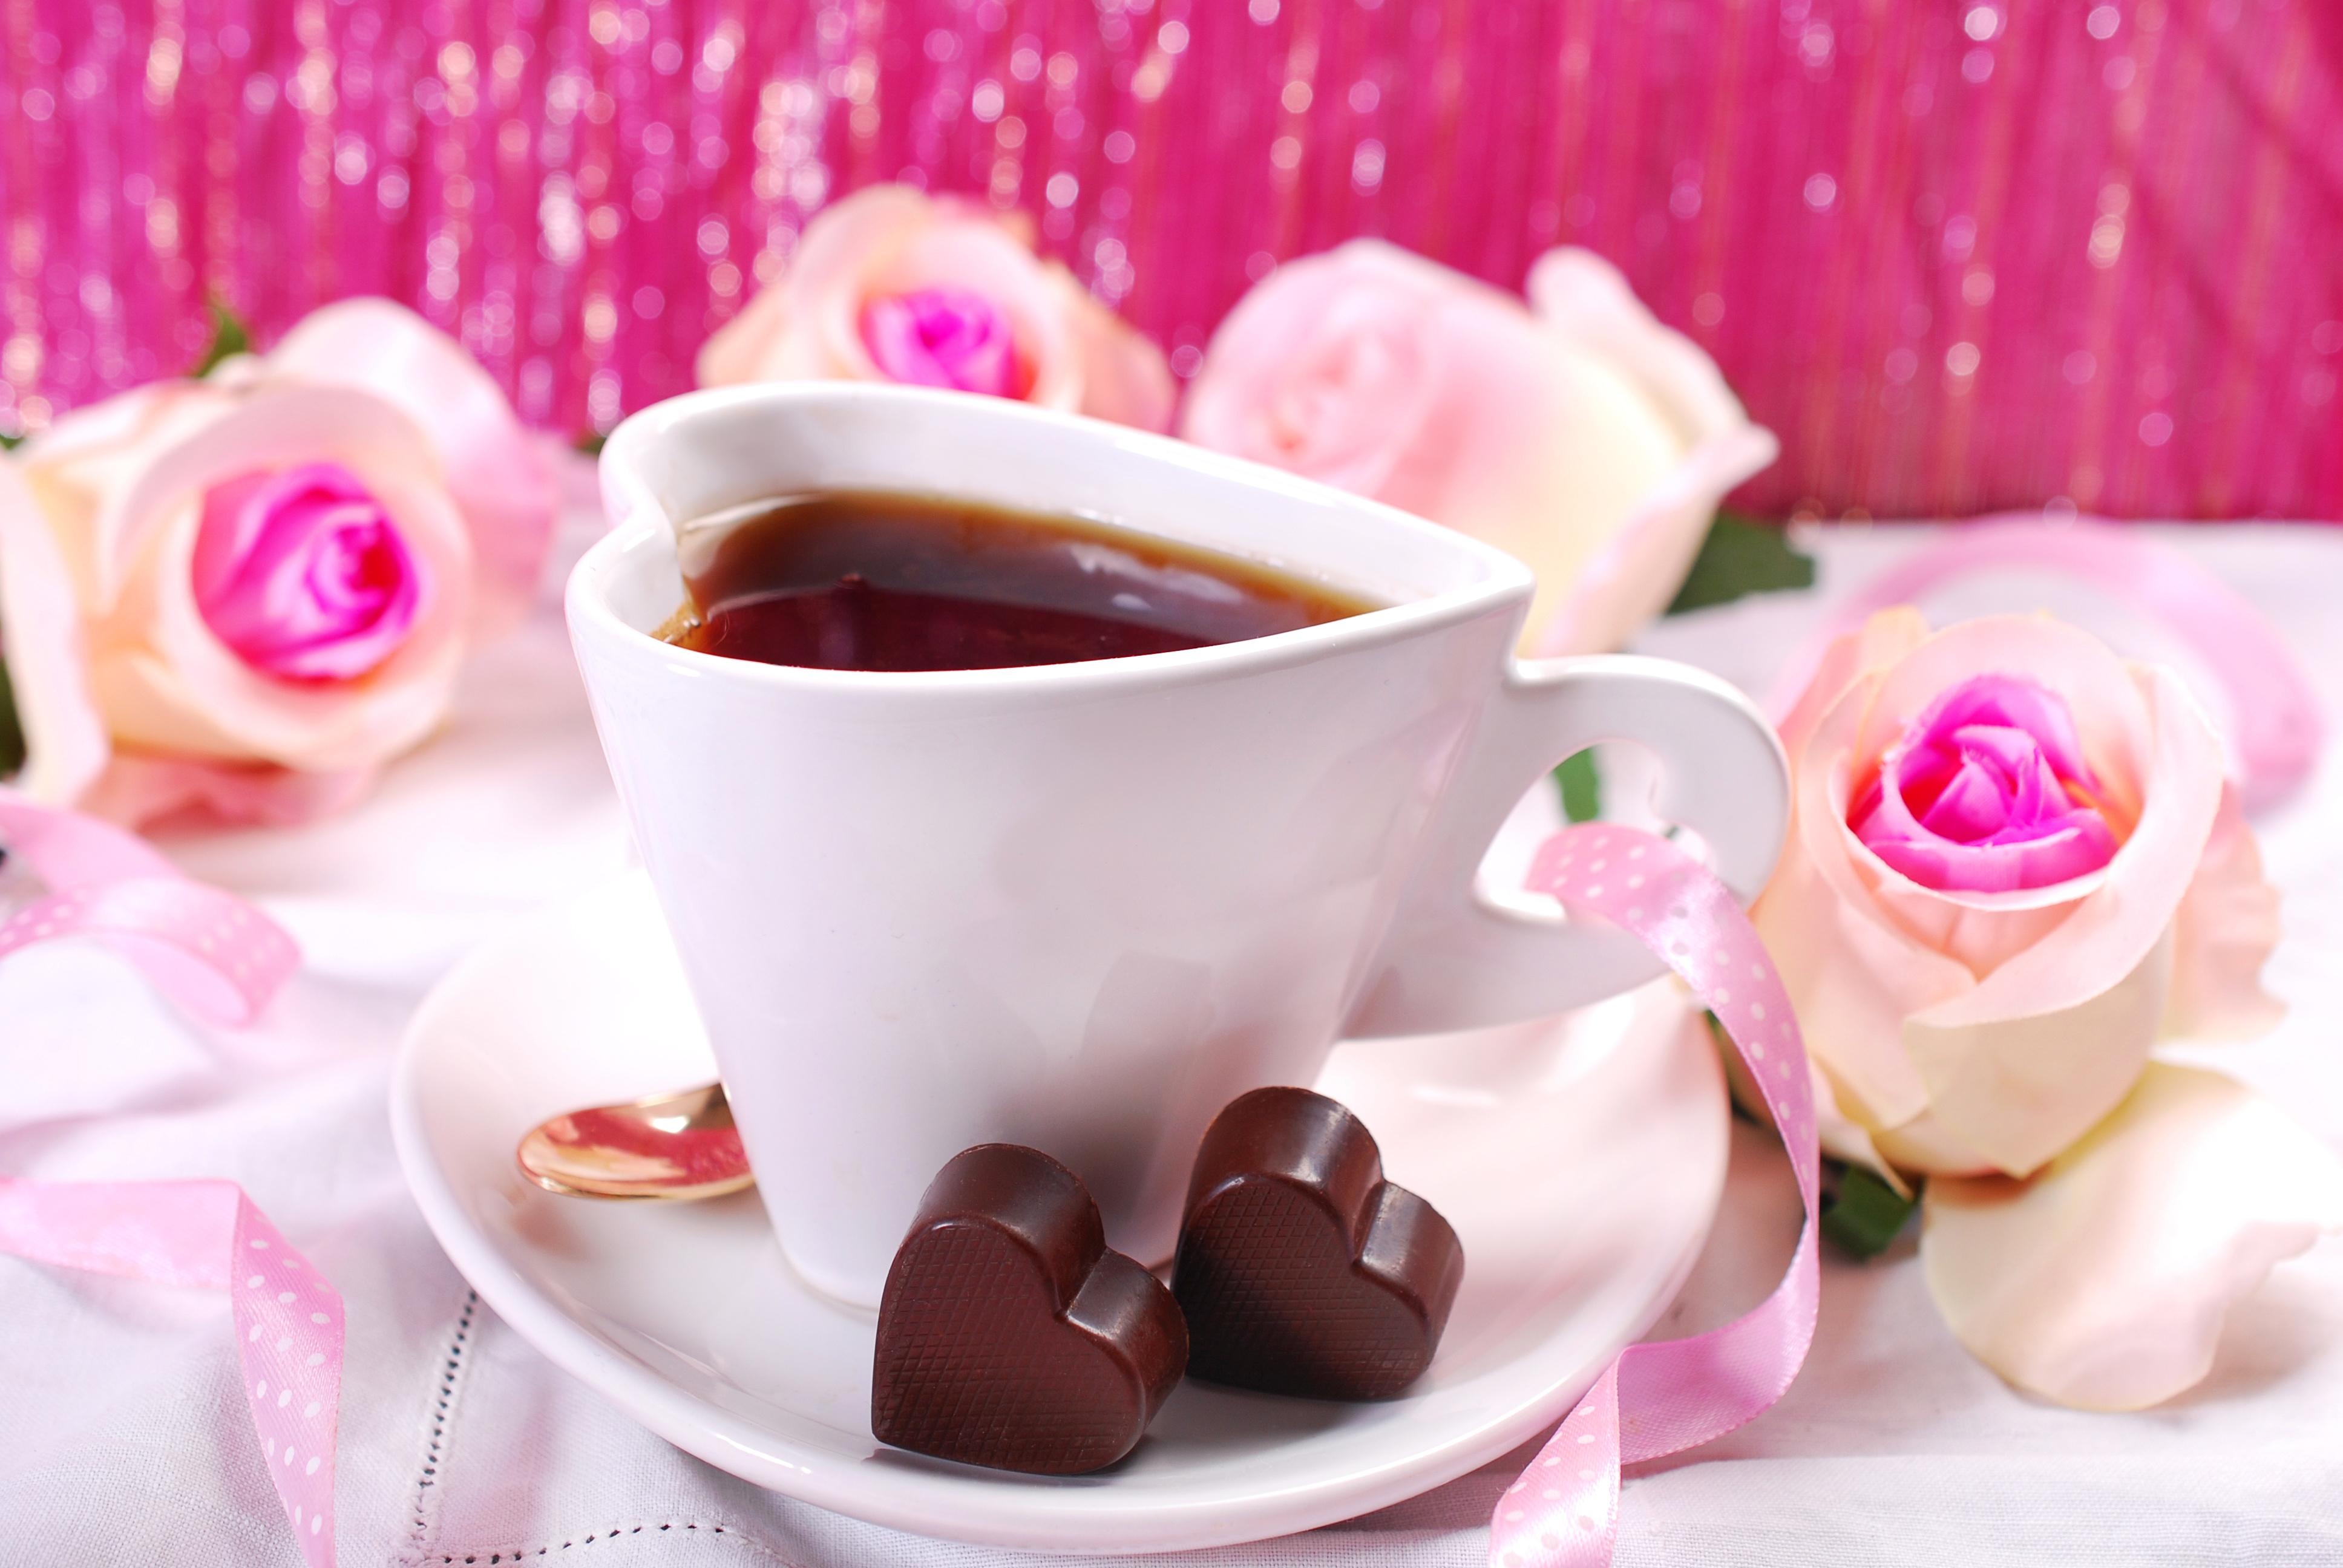 Открытки для, открытки с добрым утром цветы клубника и шоколад